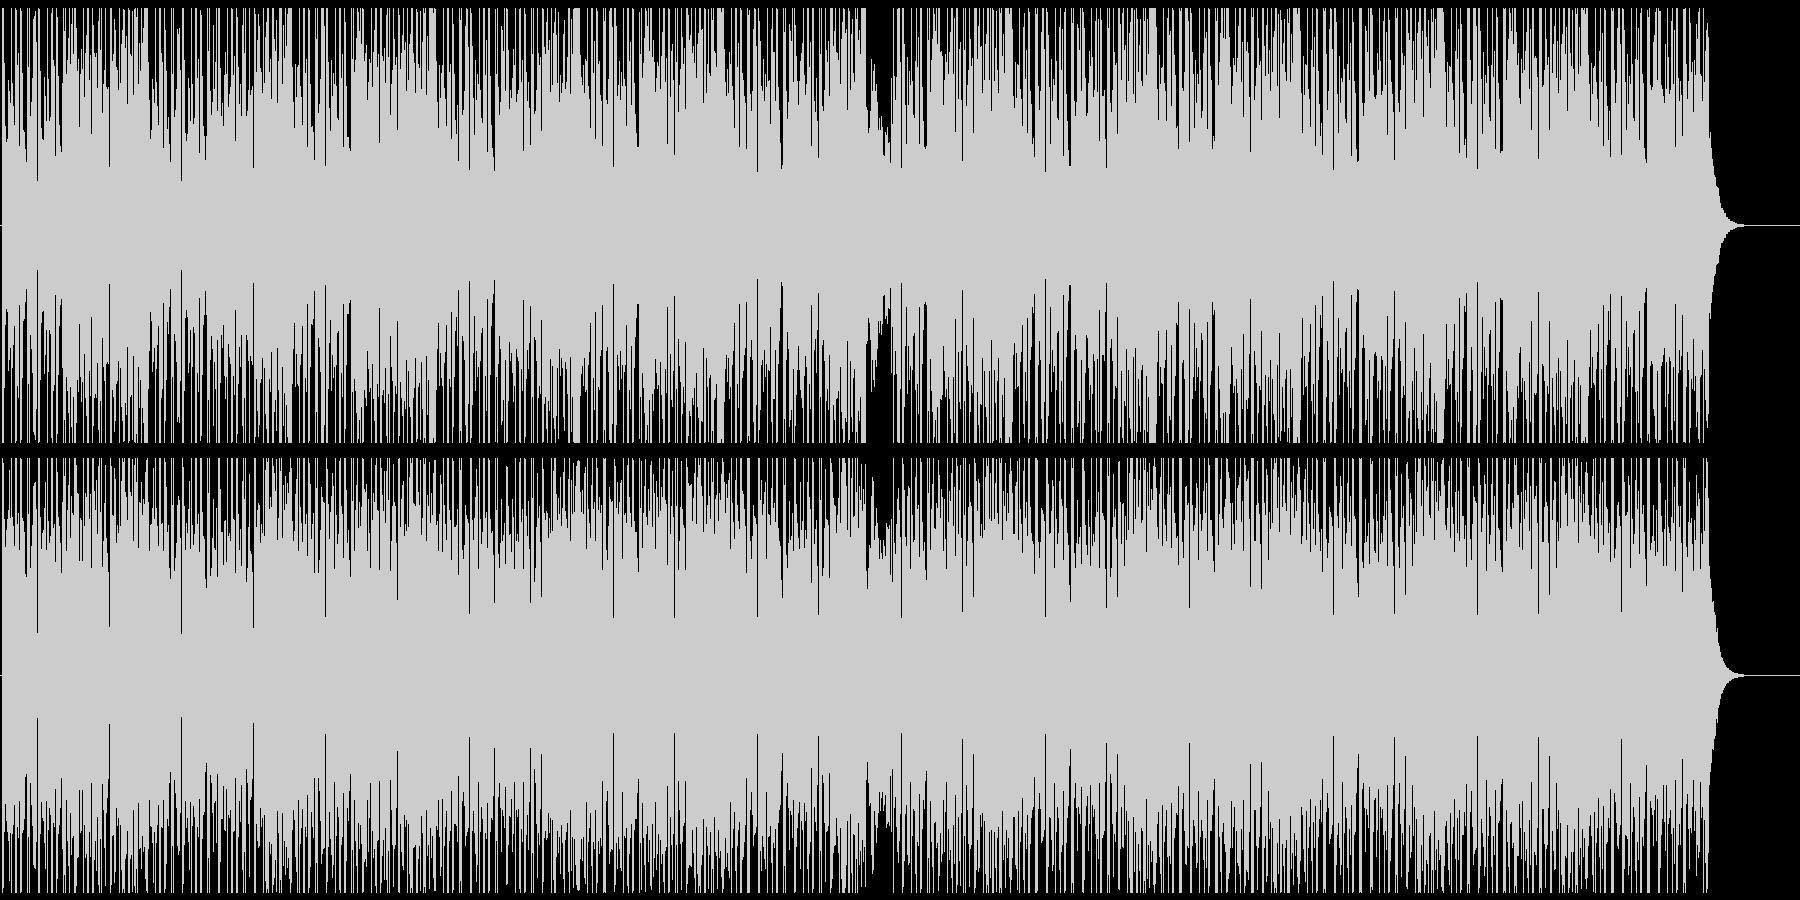 まったりしたアンビエントBGMの未再生の波形